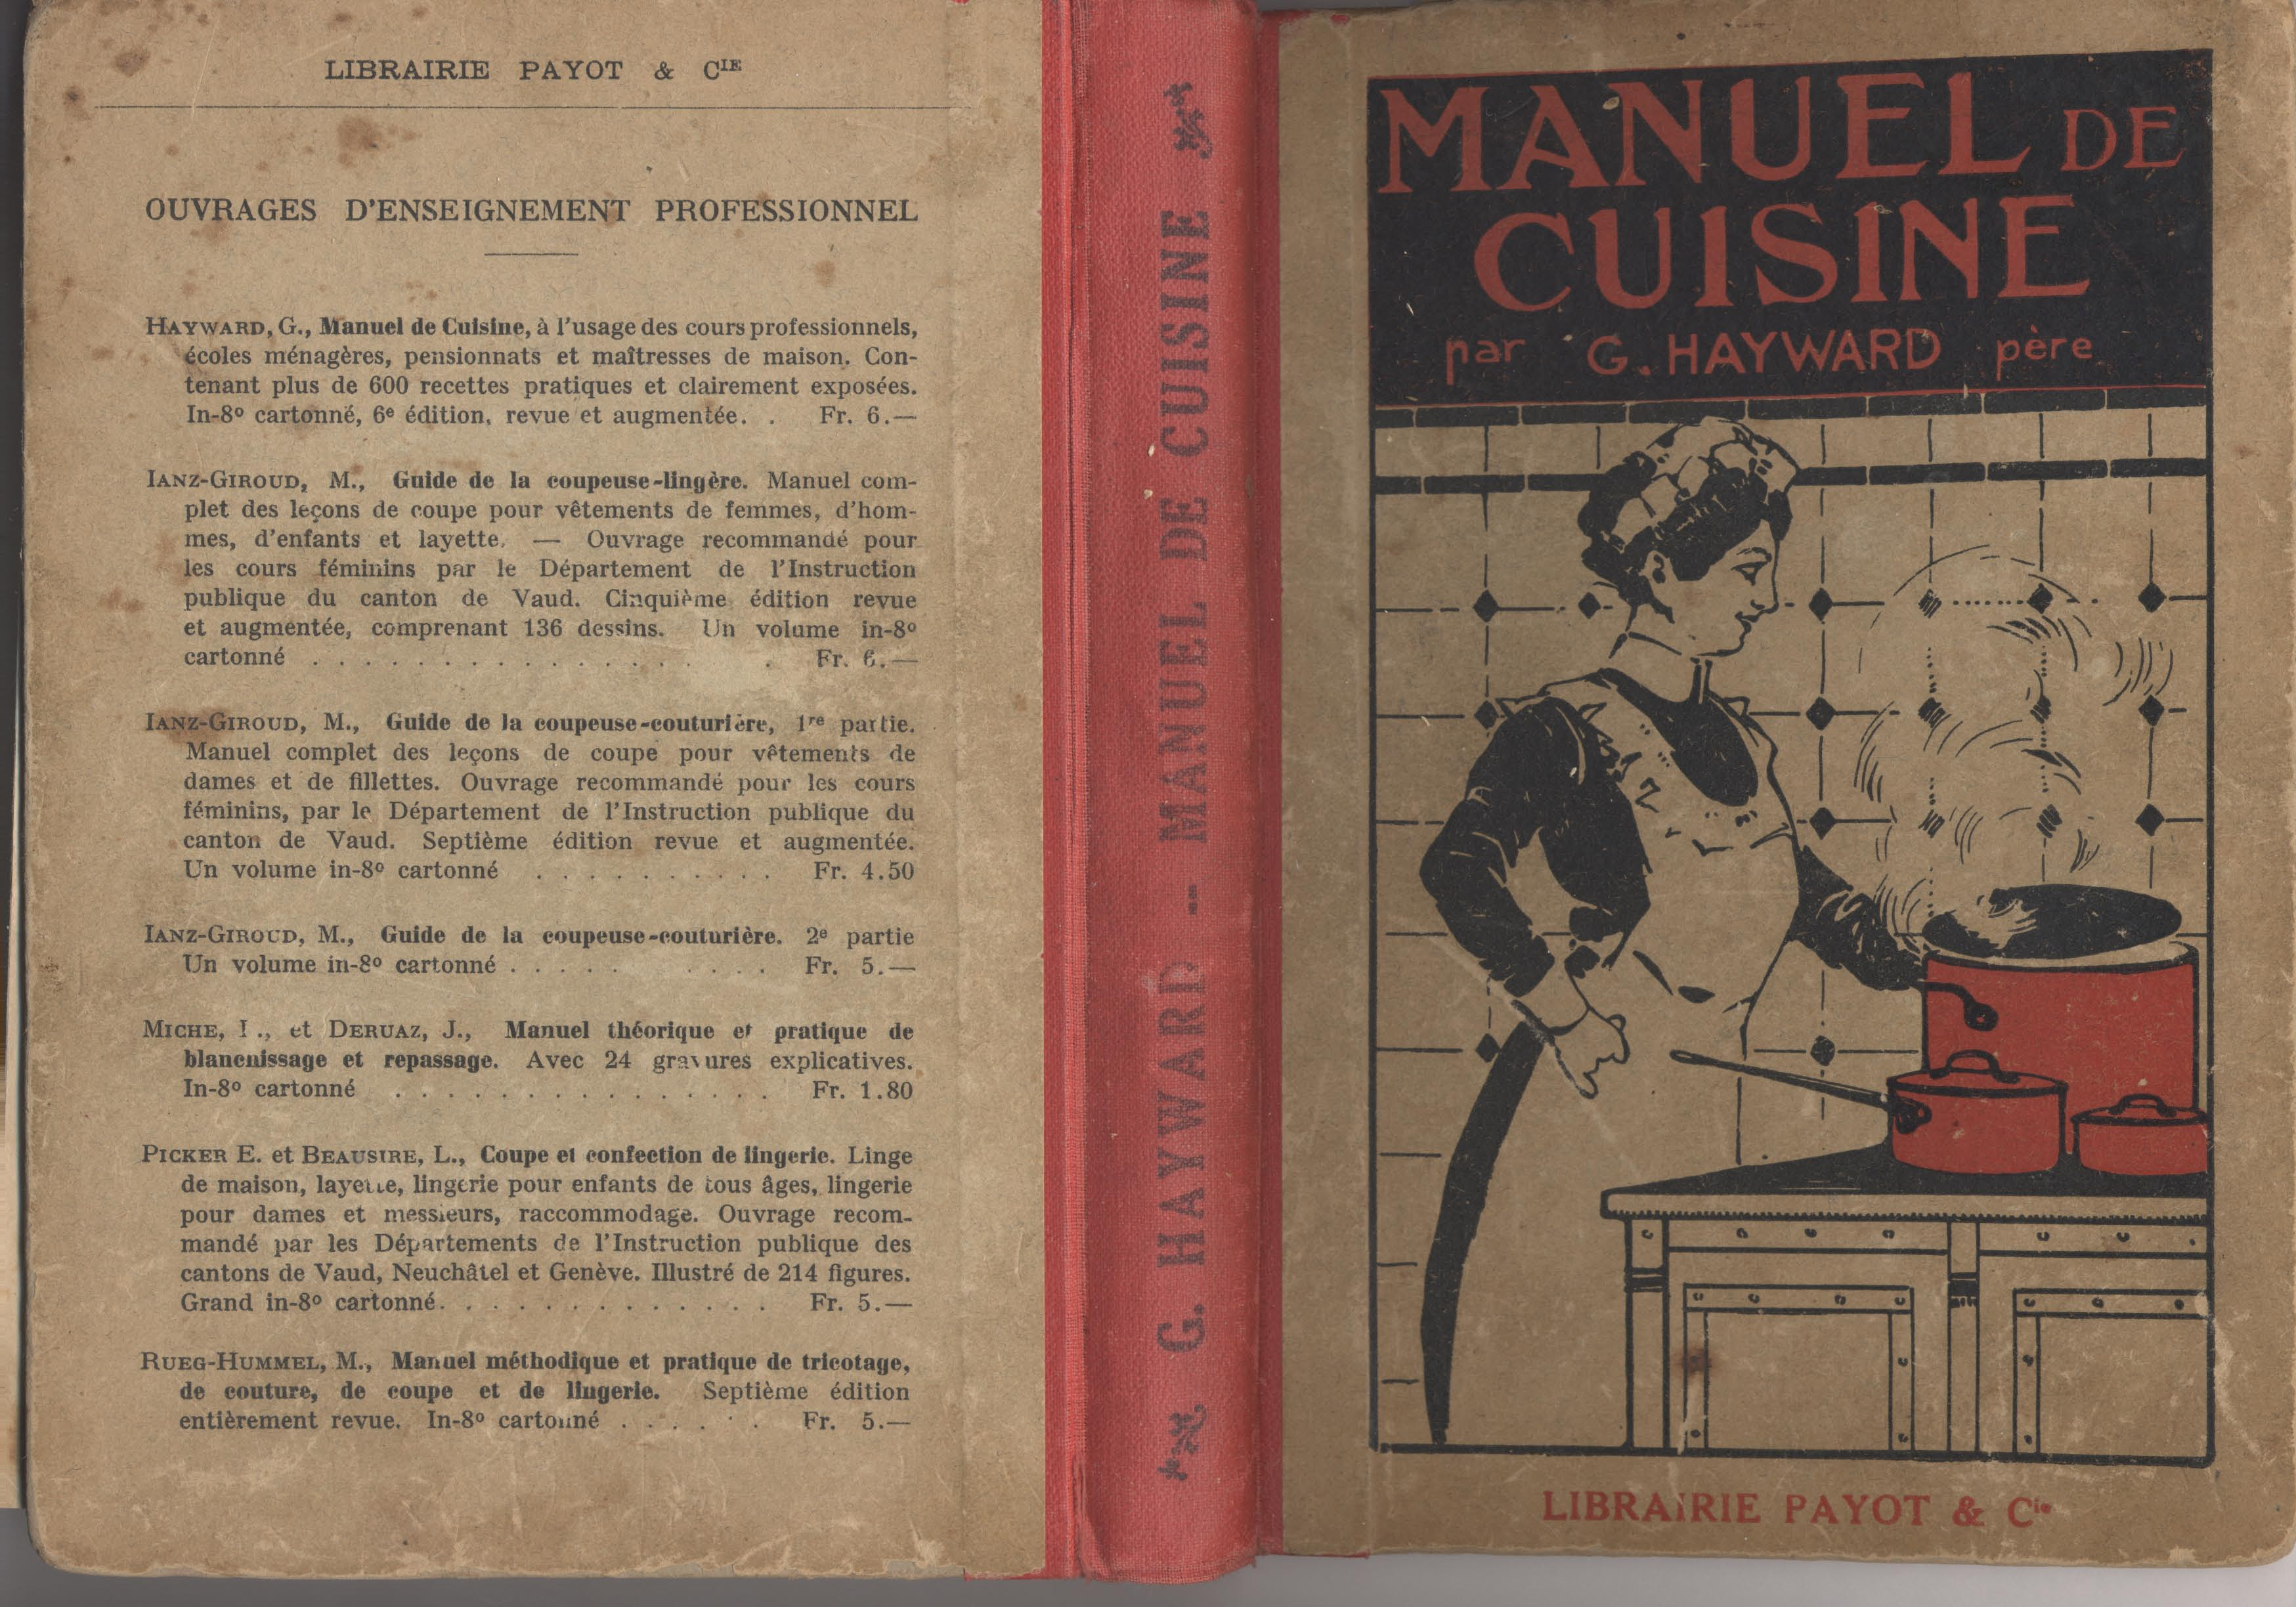 Manuel de cuisine 1927 notre histoire - Devenir professeur de cuisine ...